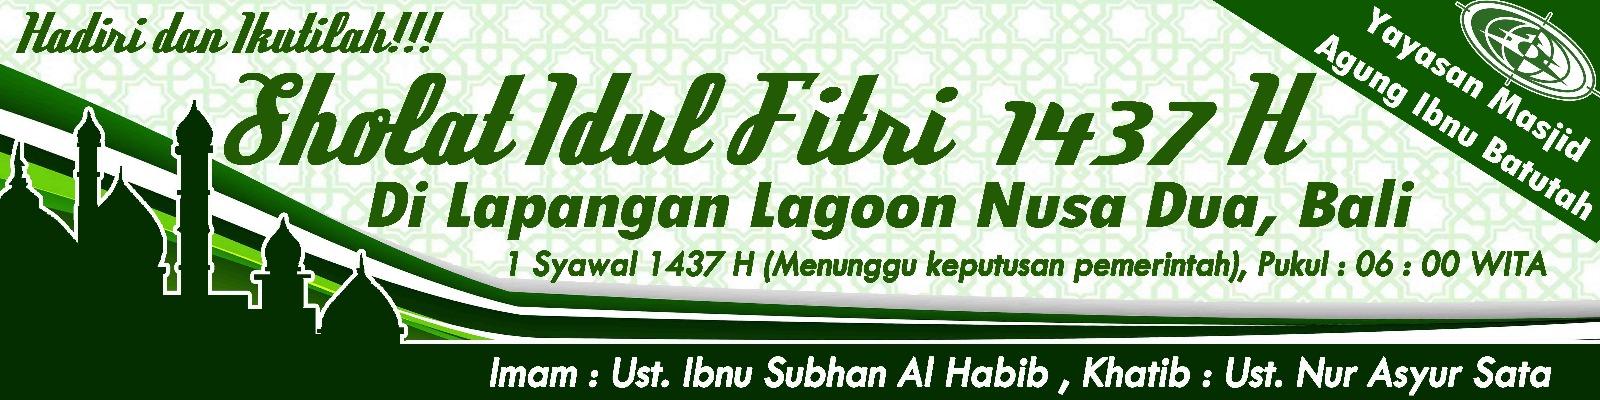 Spanduk Shalat Idul Fitri H Masjid Agung Ibnu Batutah